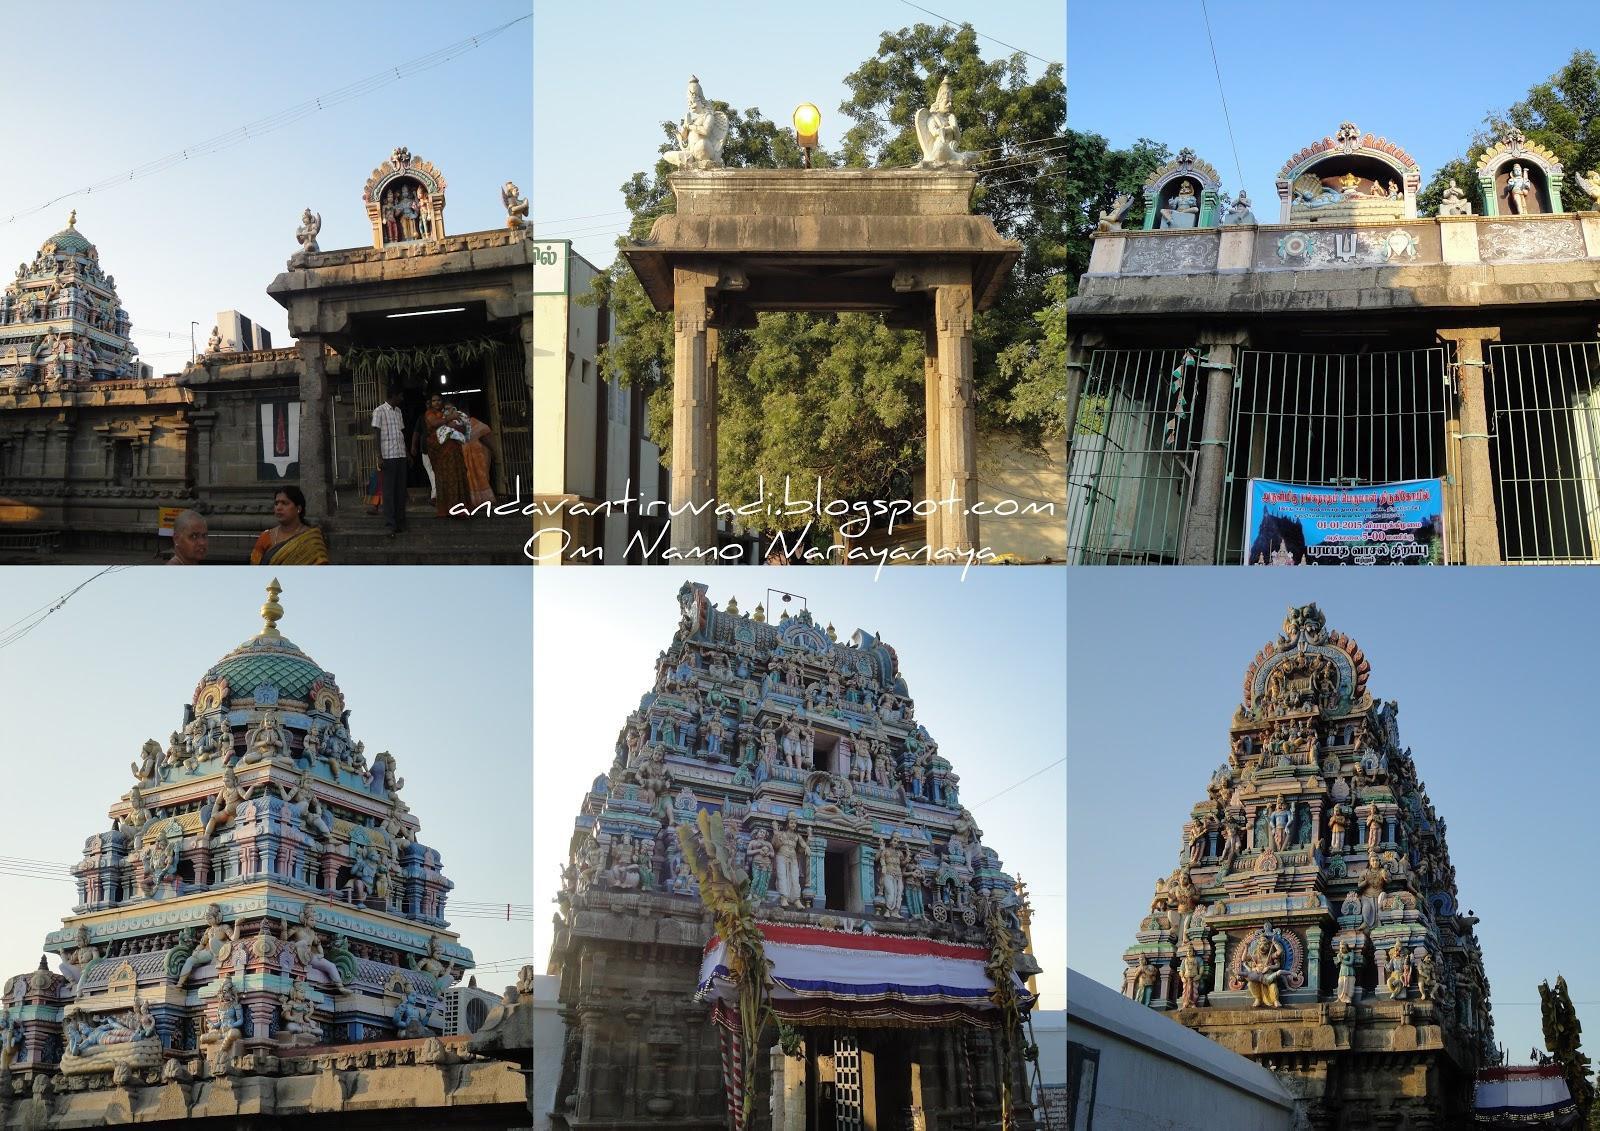 108 திவ்யதேசம், TEMPLE VISITS, கண்ணுக்கினியன கண்டோம், தொண்டைநாடு திவ்யதேசம்,